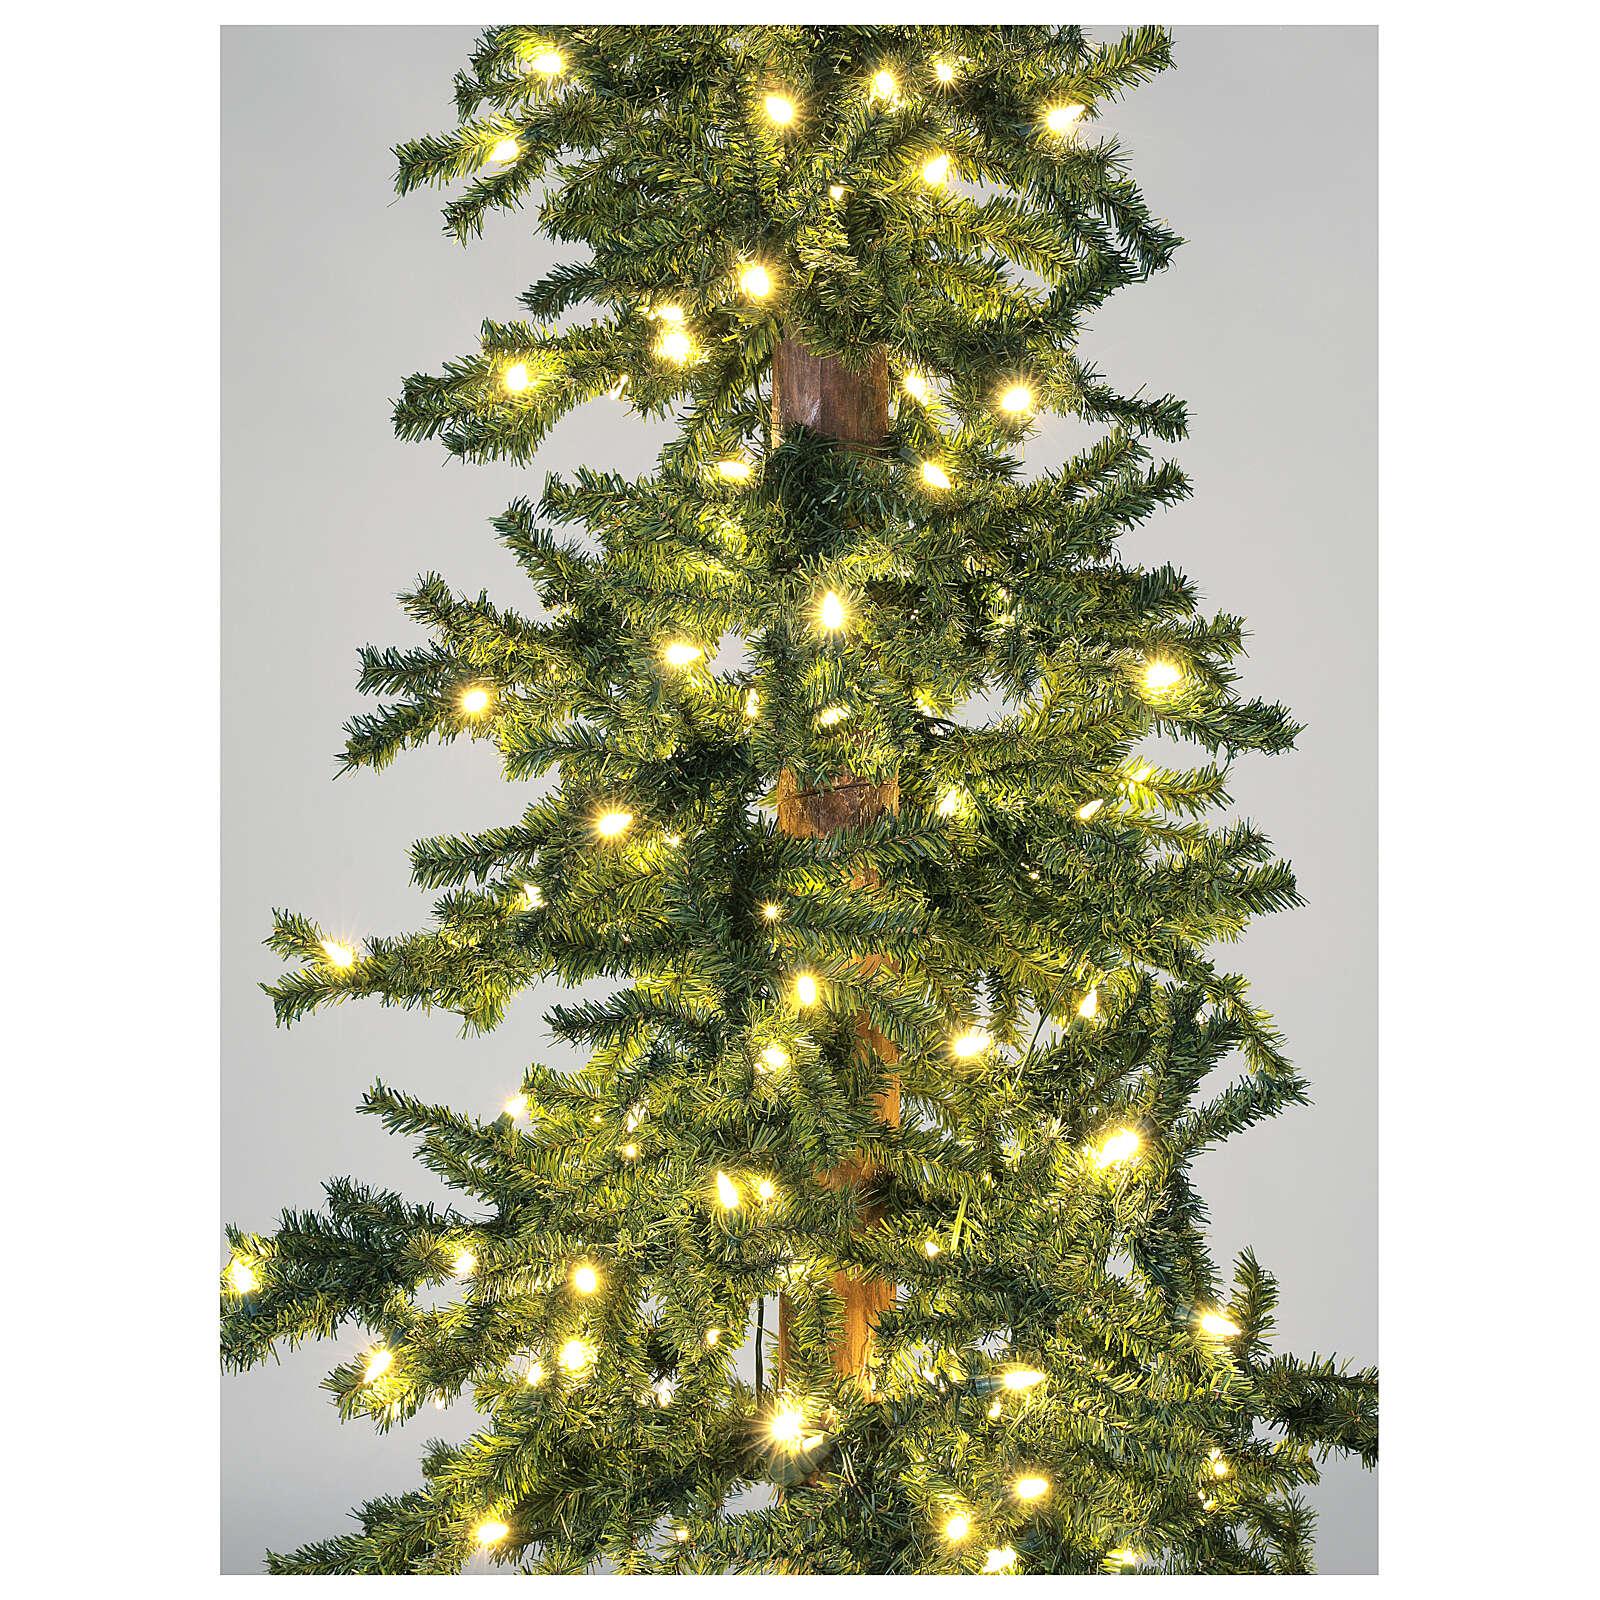 Albero Di Natale 300 Cm.Albero Di Natale 300 Cm Slim Forest 600 Led Caldi Esterno Vendita Online Su Holyart